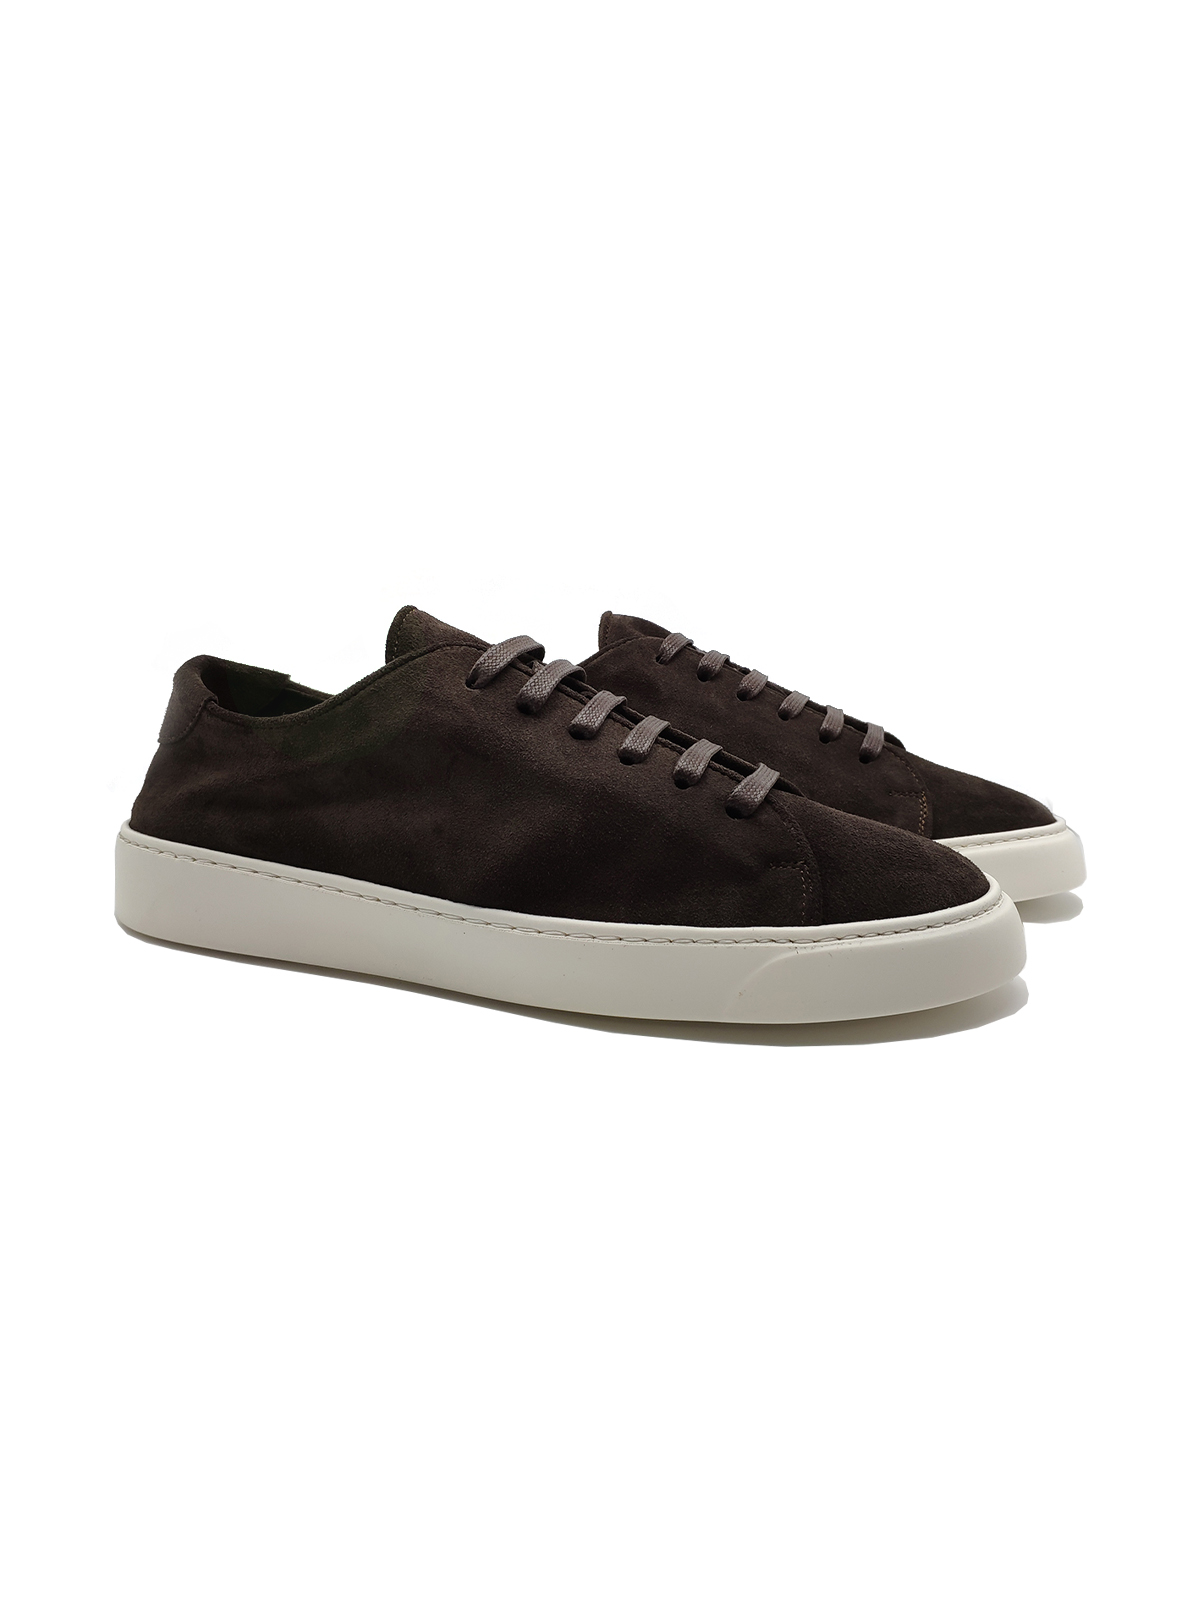 Calzature Uomo Sneakers Stringate in Camoscio Sfoderato Testa di Moro con Fondo Gomma Bianco Jerold Wilton   Sneakers   1045MORO